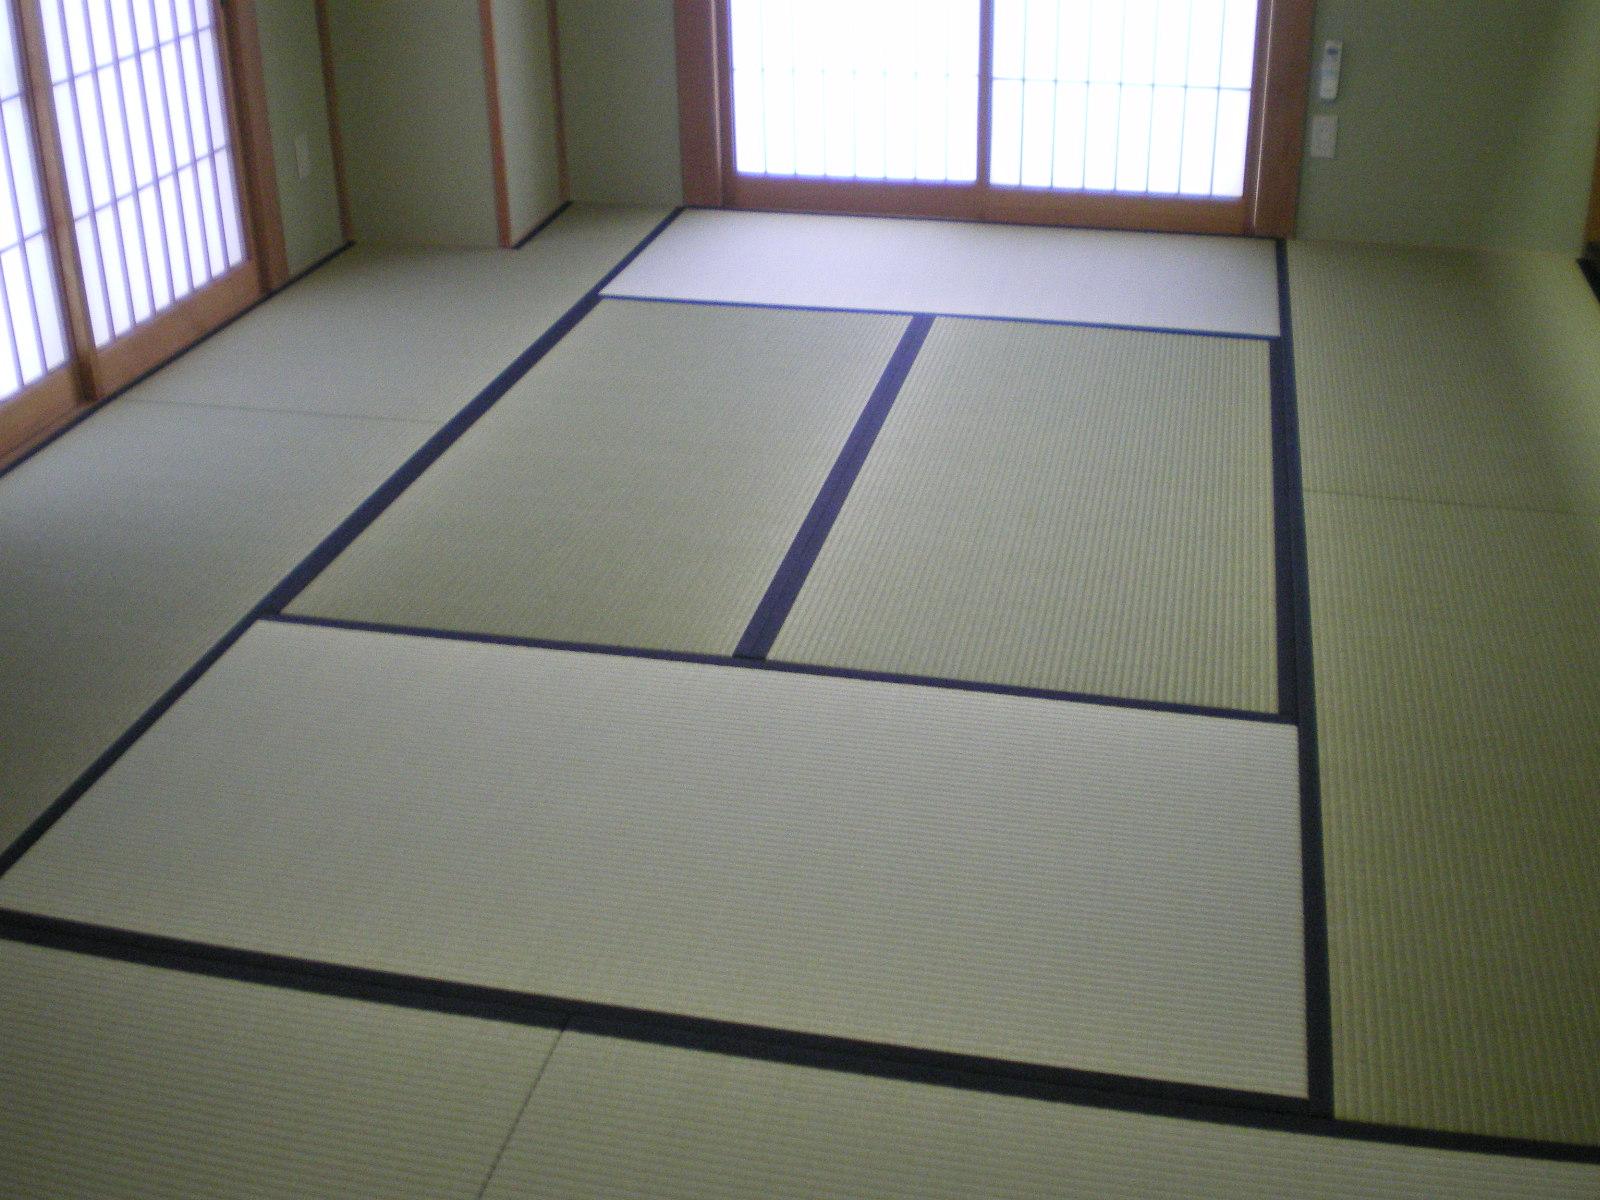 ホテルのスイートルームに新畳を納めました